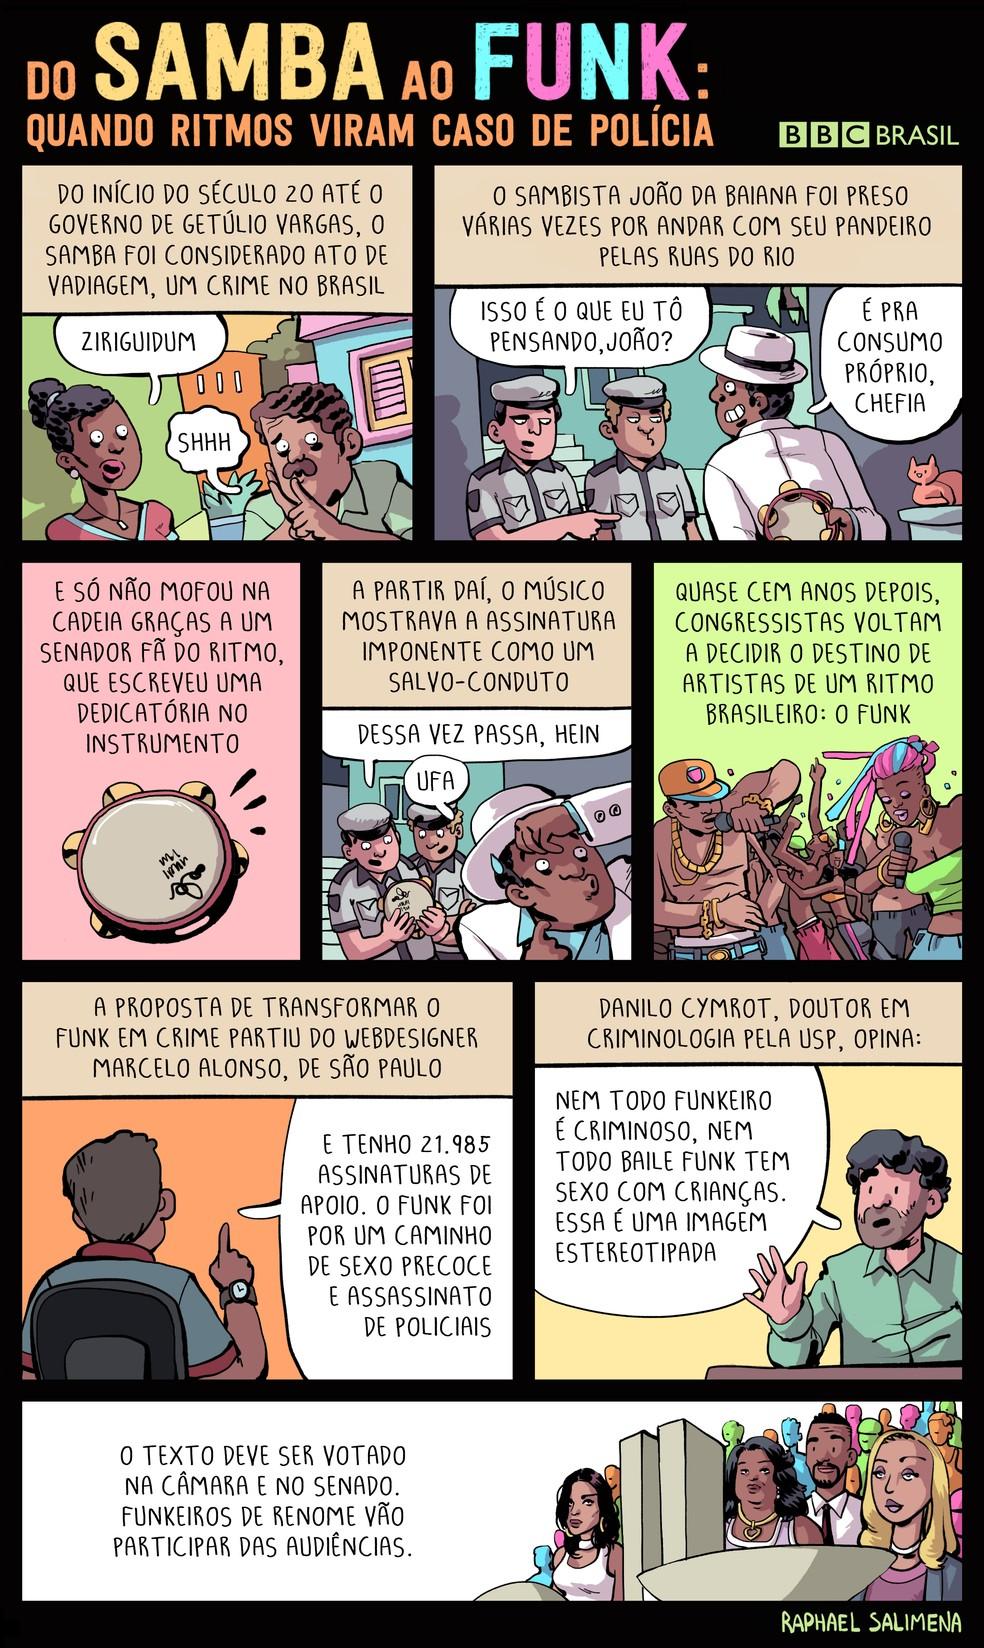 Quadrinho sobre a tentativa de criminalização do funk no Senado Federa. Arte por Raphael Salimenaa/BBC.